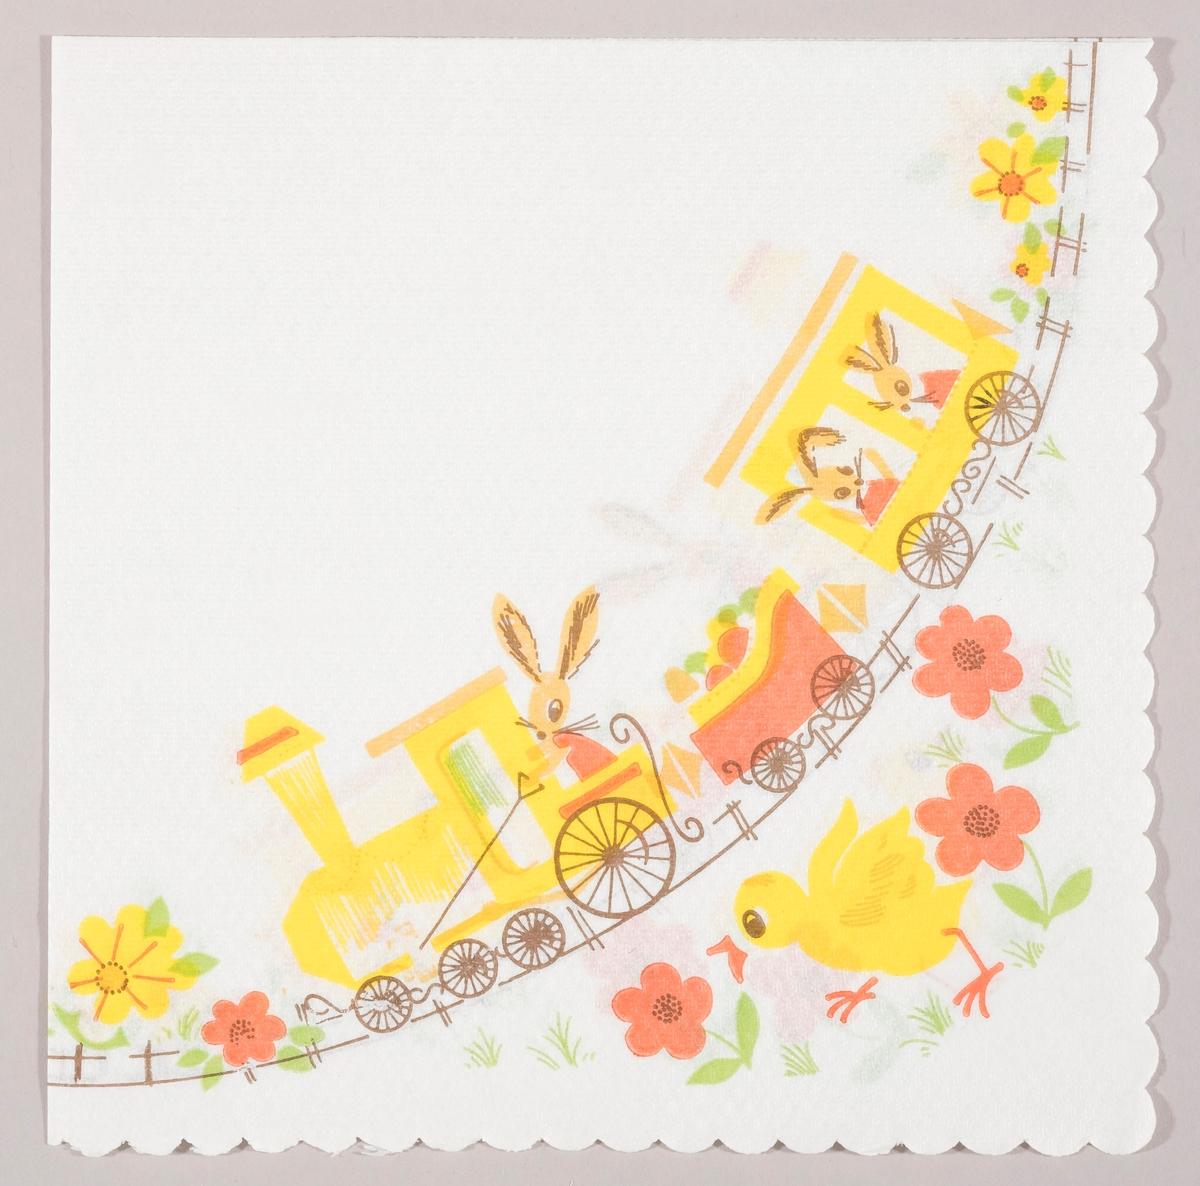 Et tog med lokomotiv og to vogner. Tre påskeharer er på toget og i en av vognene er det påskeegg. En kylling løper blant gule og røde blomster.